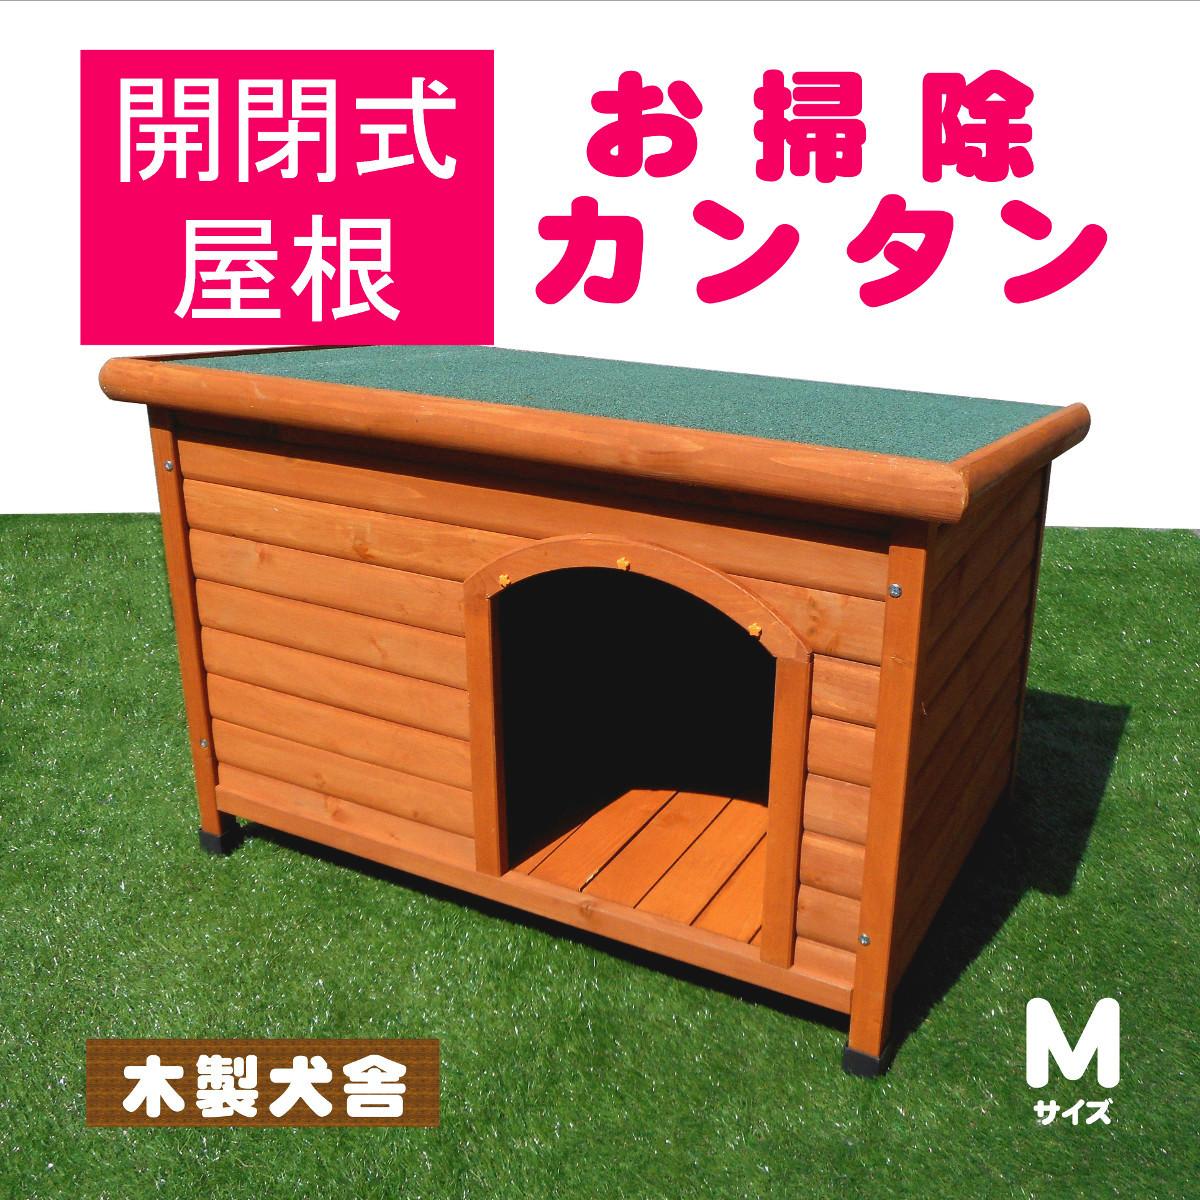 【大型便・時間指定不可】 犬小屋 片屋根木製犬舎 M DHW1018-M 組立品